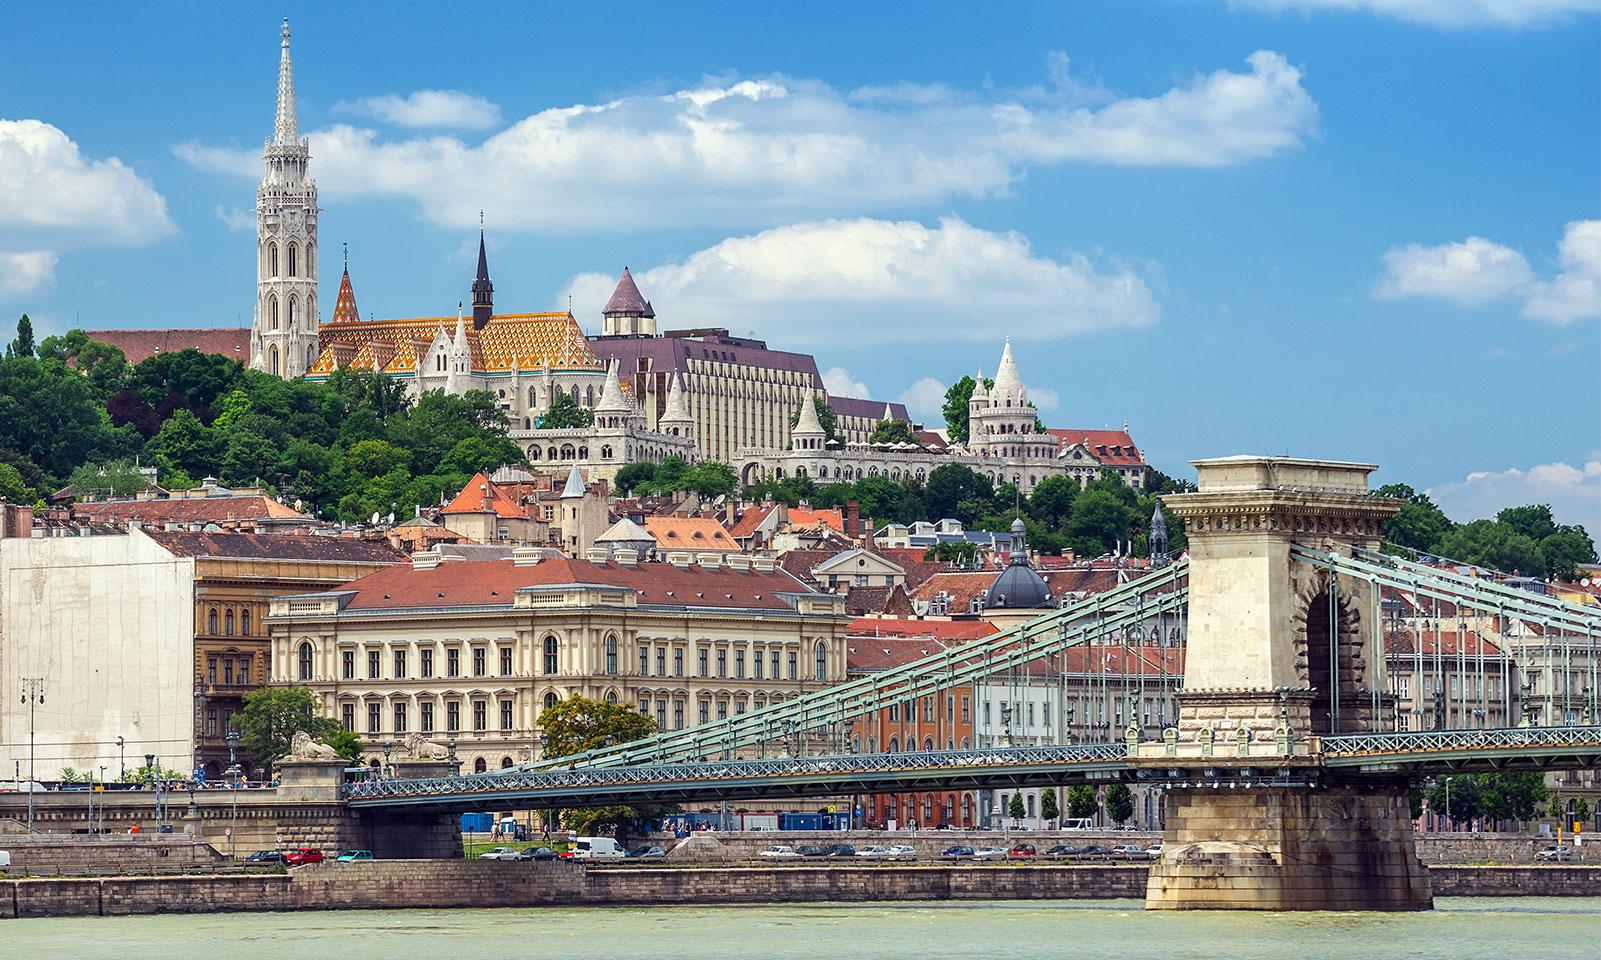 destino turístico arquitectónico budapest